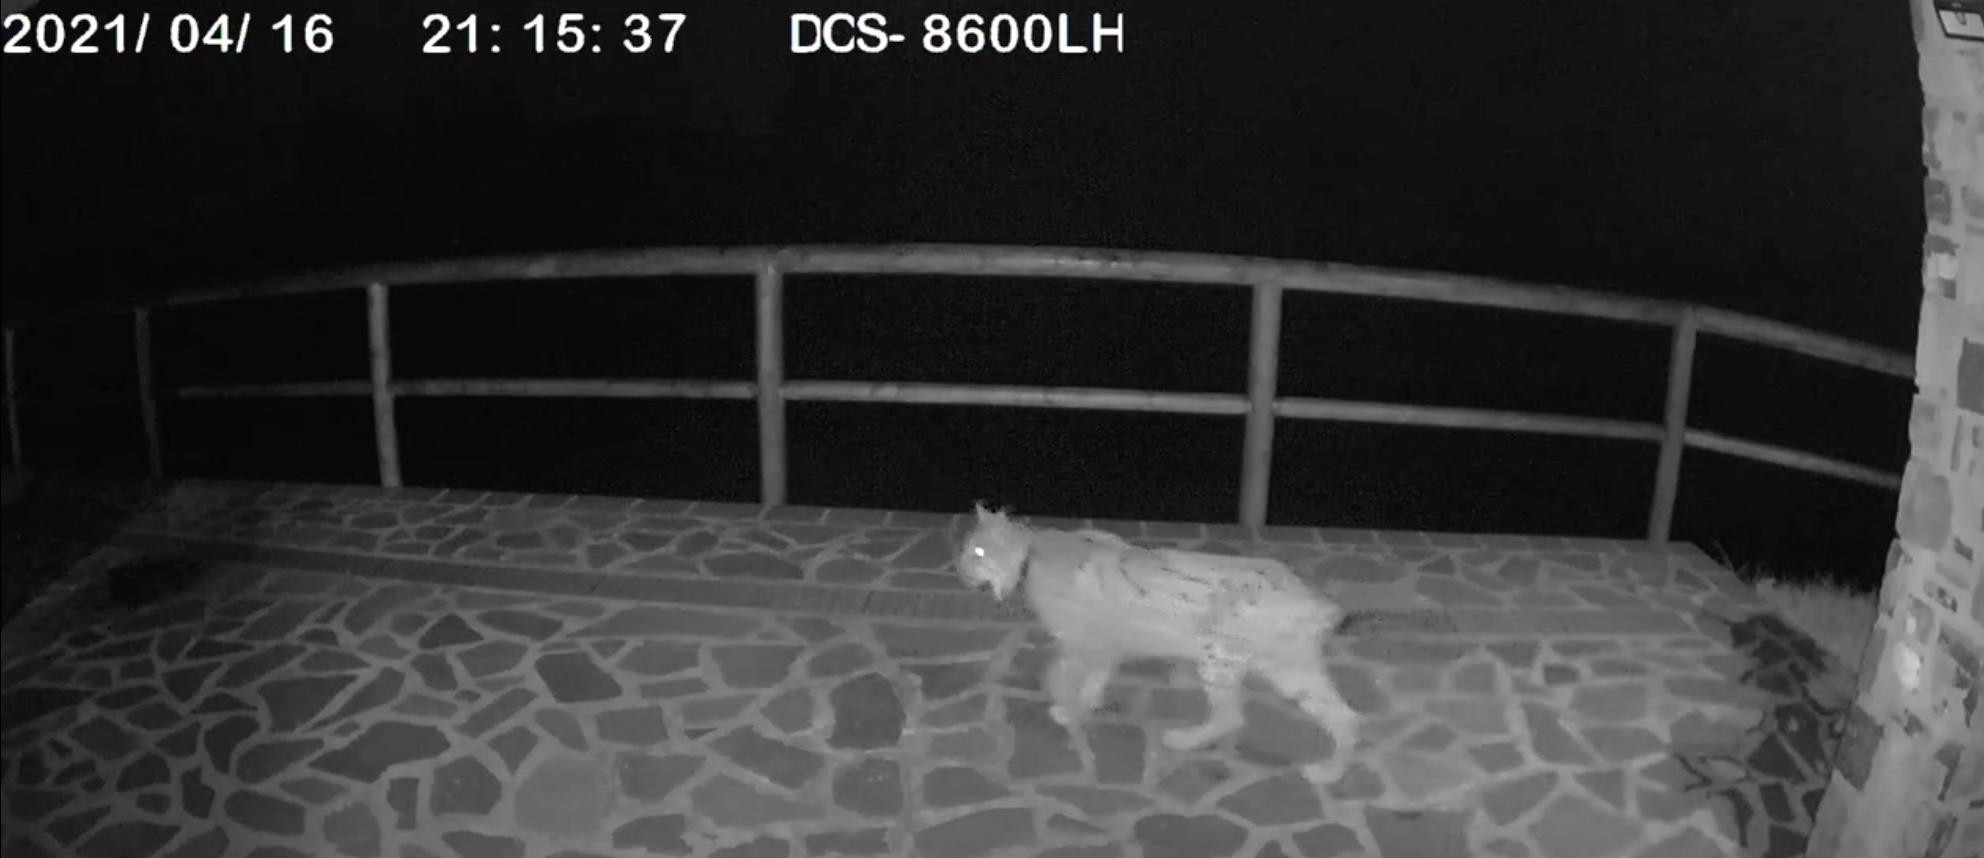 """Überraschung: Kamera """"fangt"""" einen Luchs auf der Terrasse eines Hauses ein"""